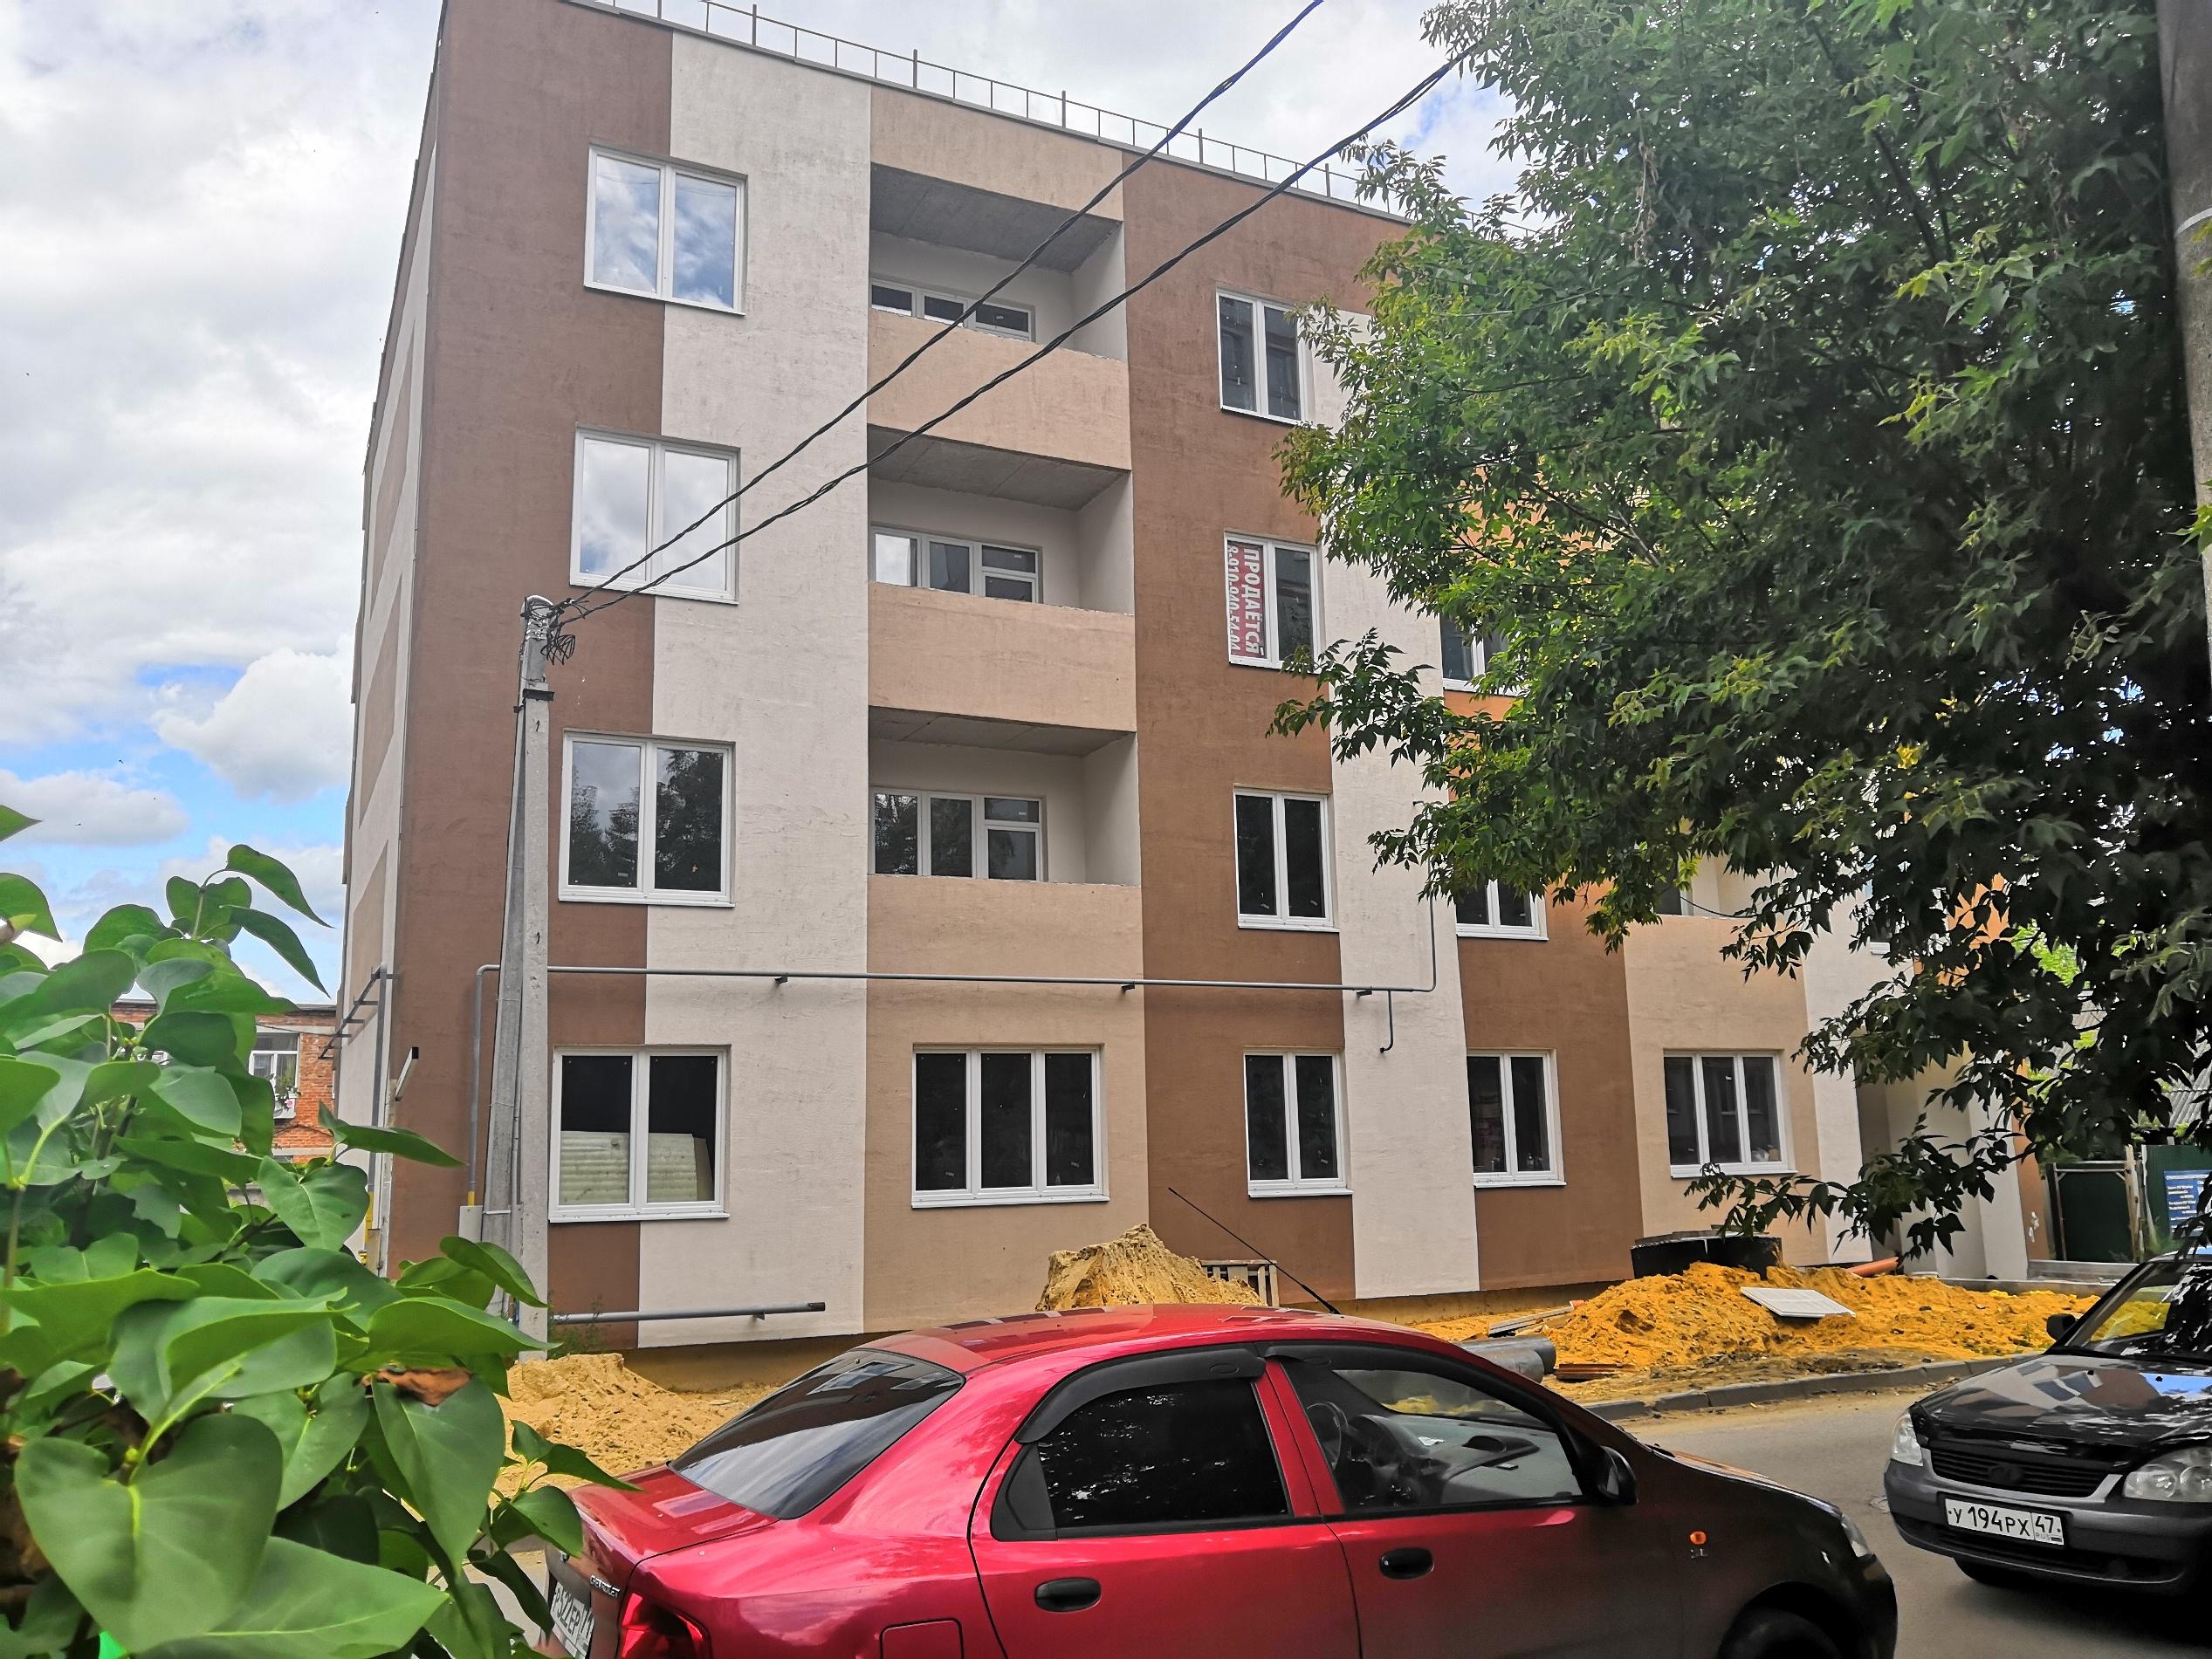 Фотографии жилого дома по улице Клары Цеткин 18 г. Тула ООО КБ Строй Лидер